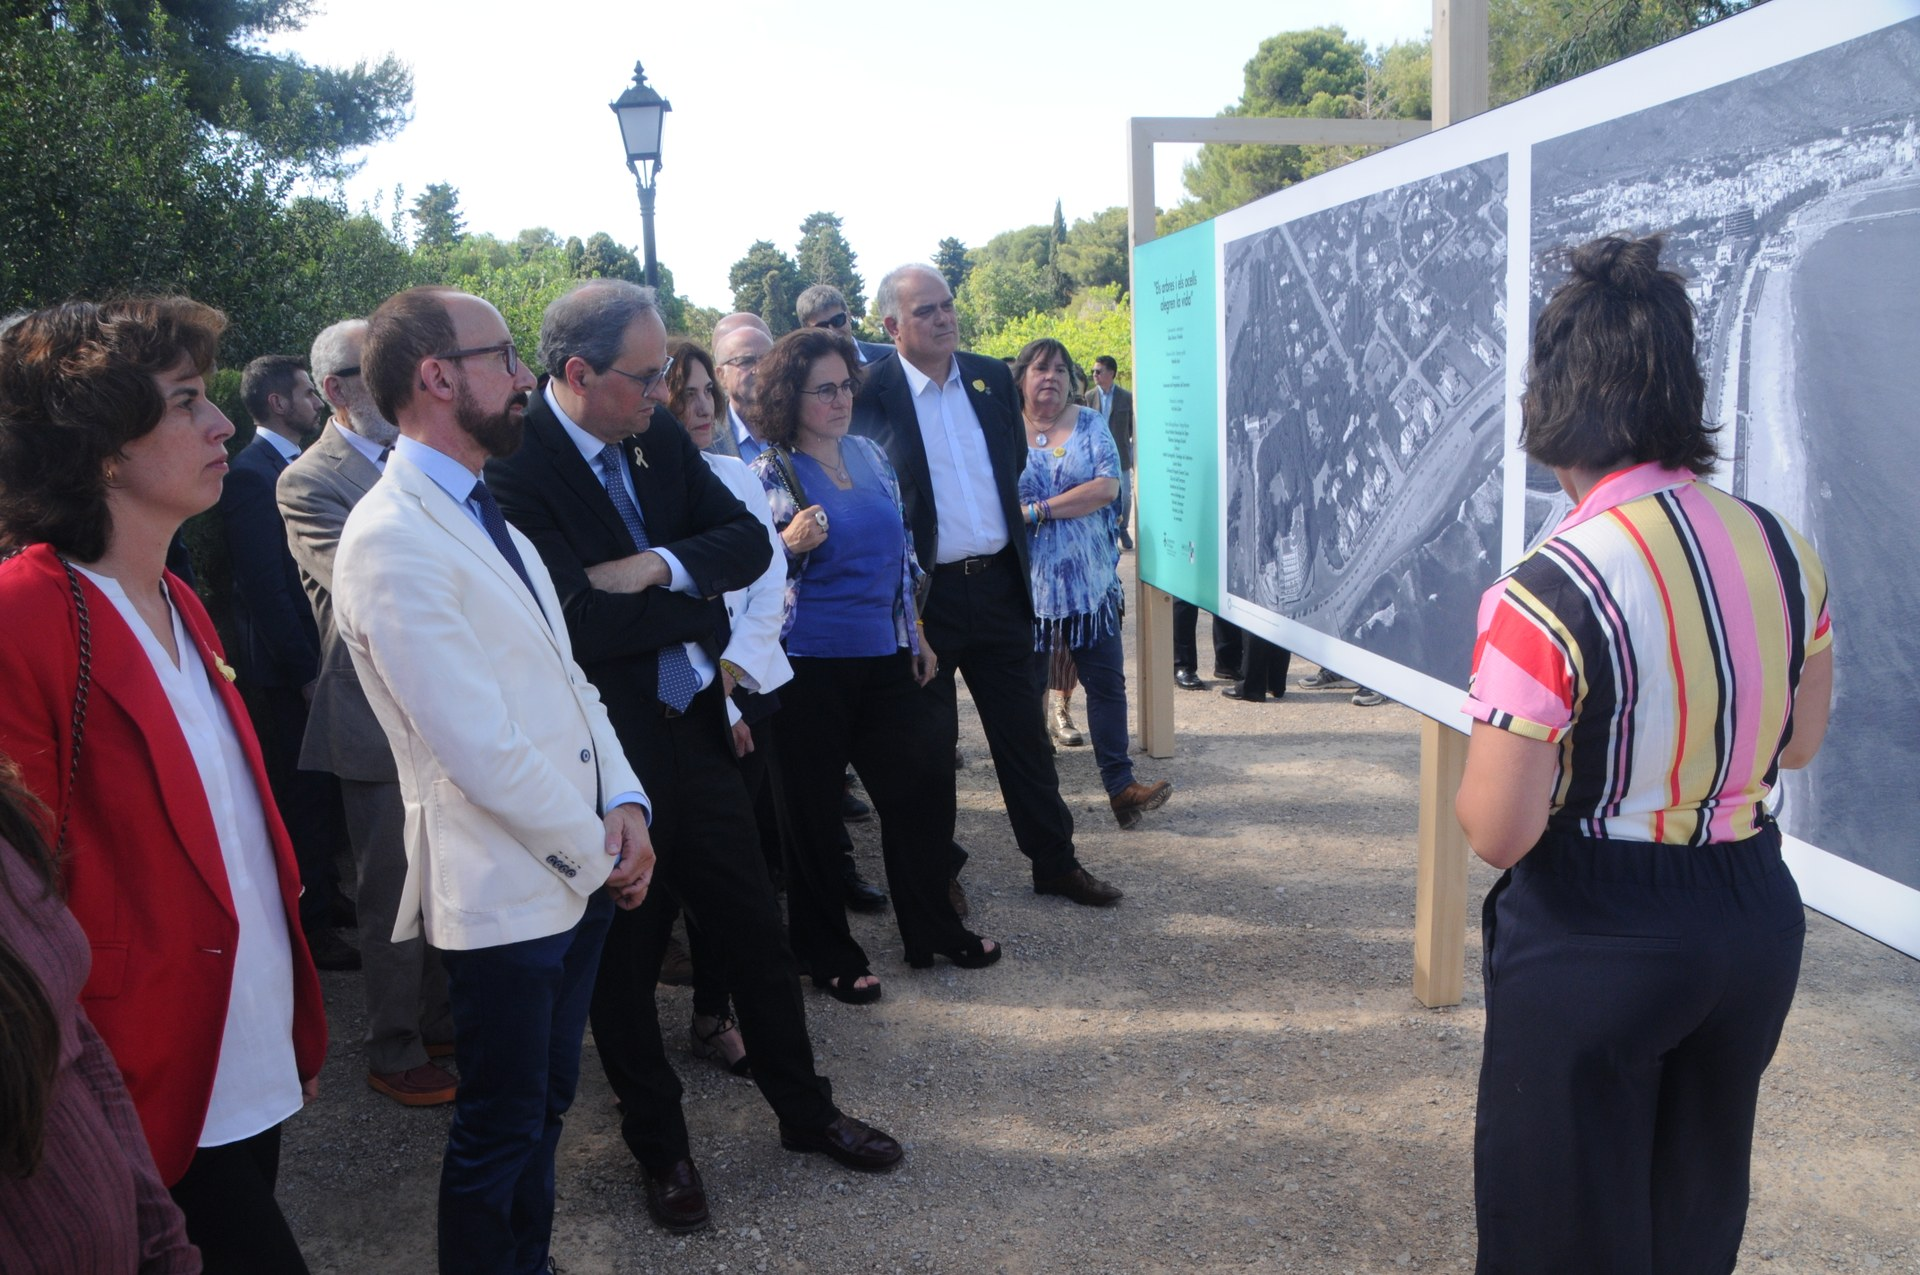 El President Quim Torra inaugura l'exposició 'Els arbres i els ocells alegren la vida', als Jardins de Terramar